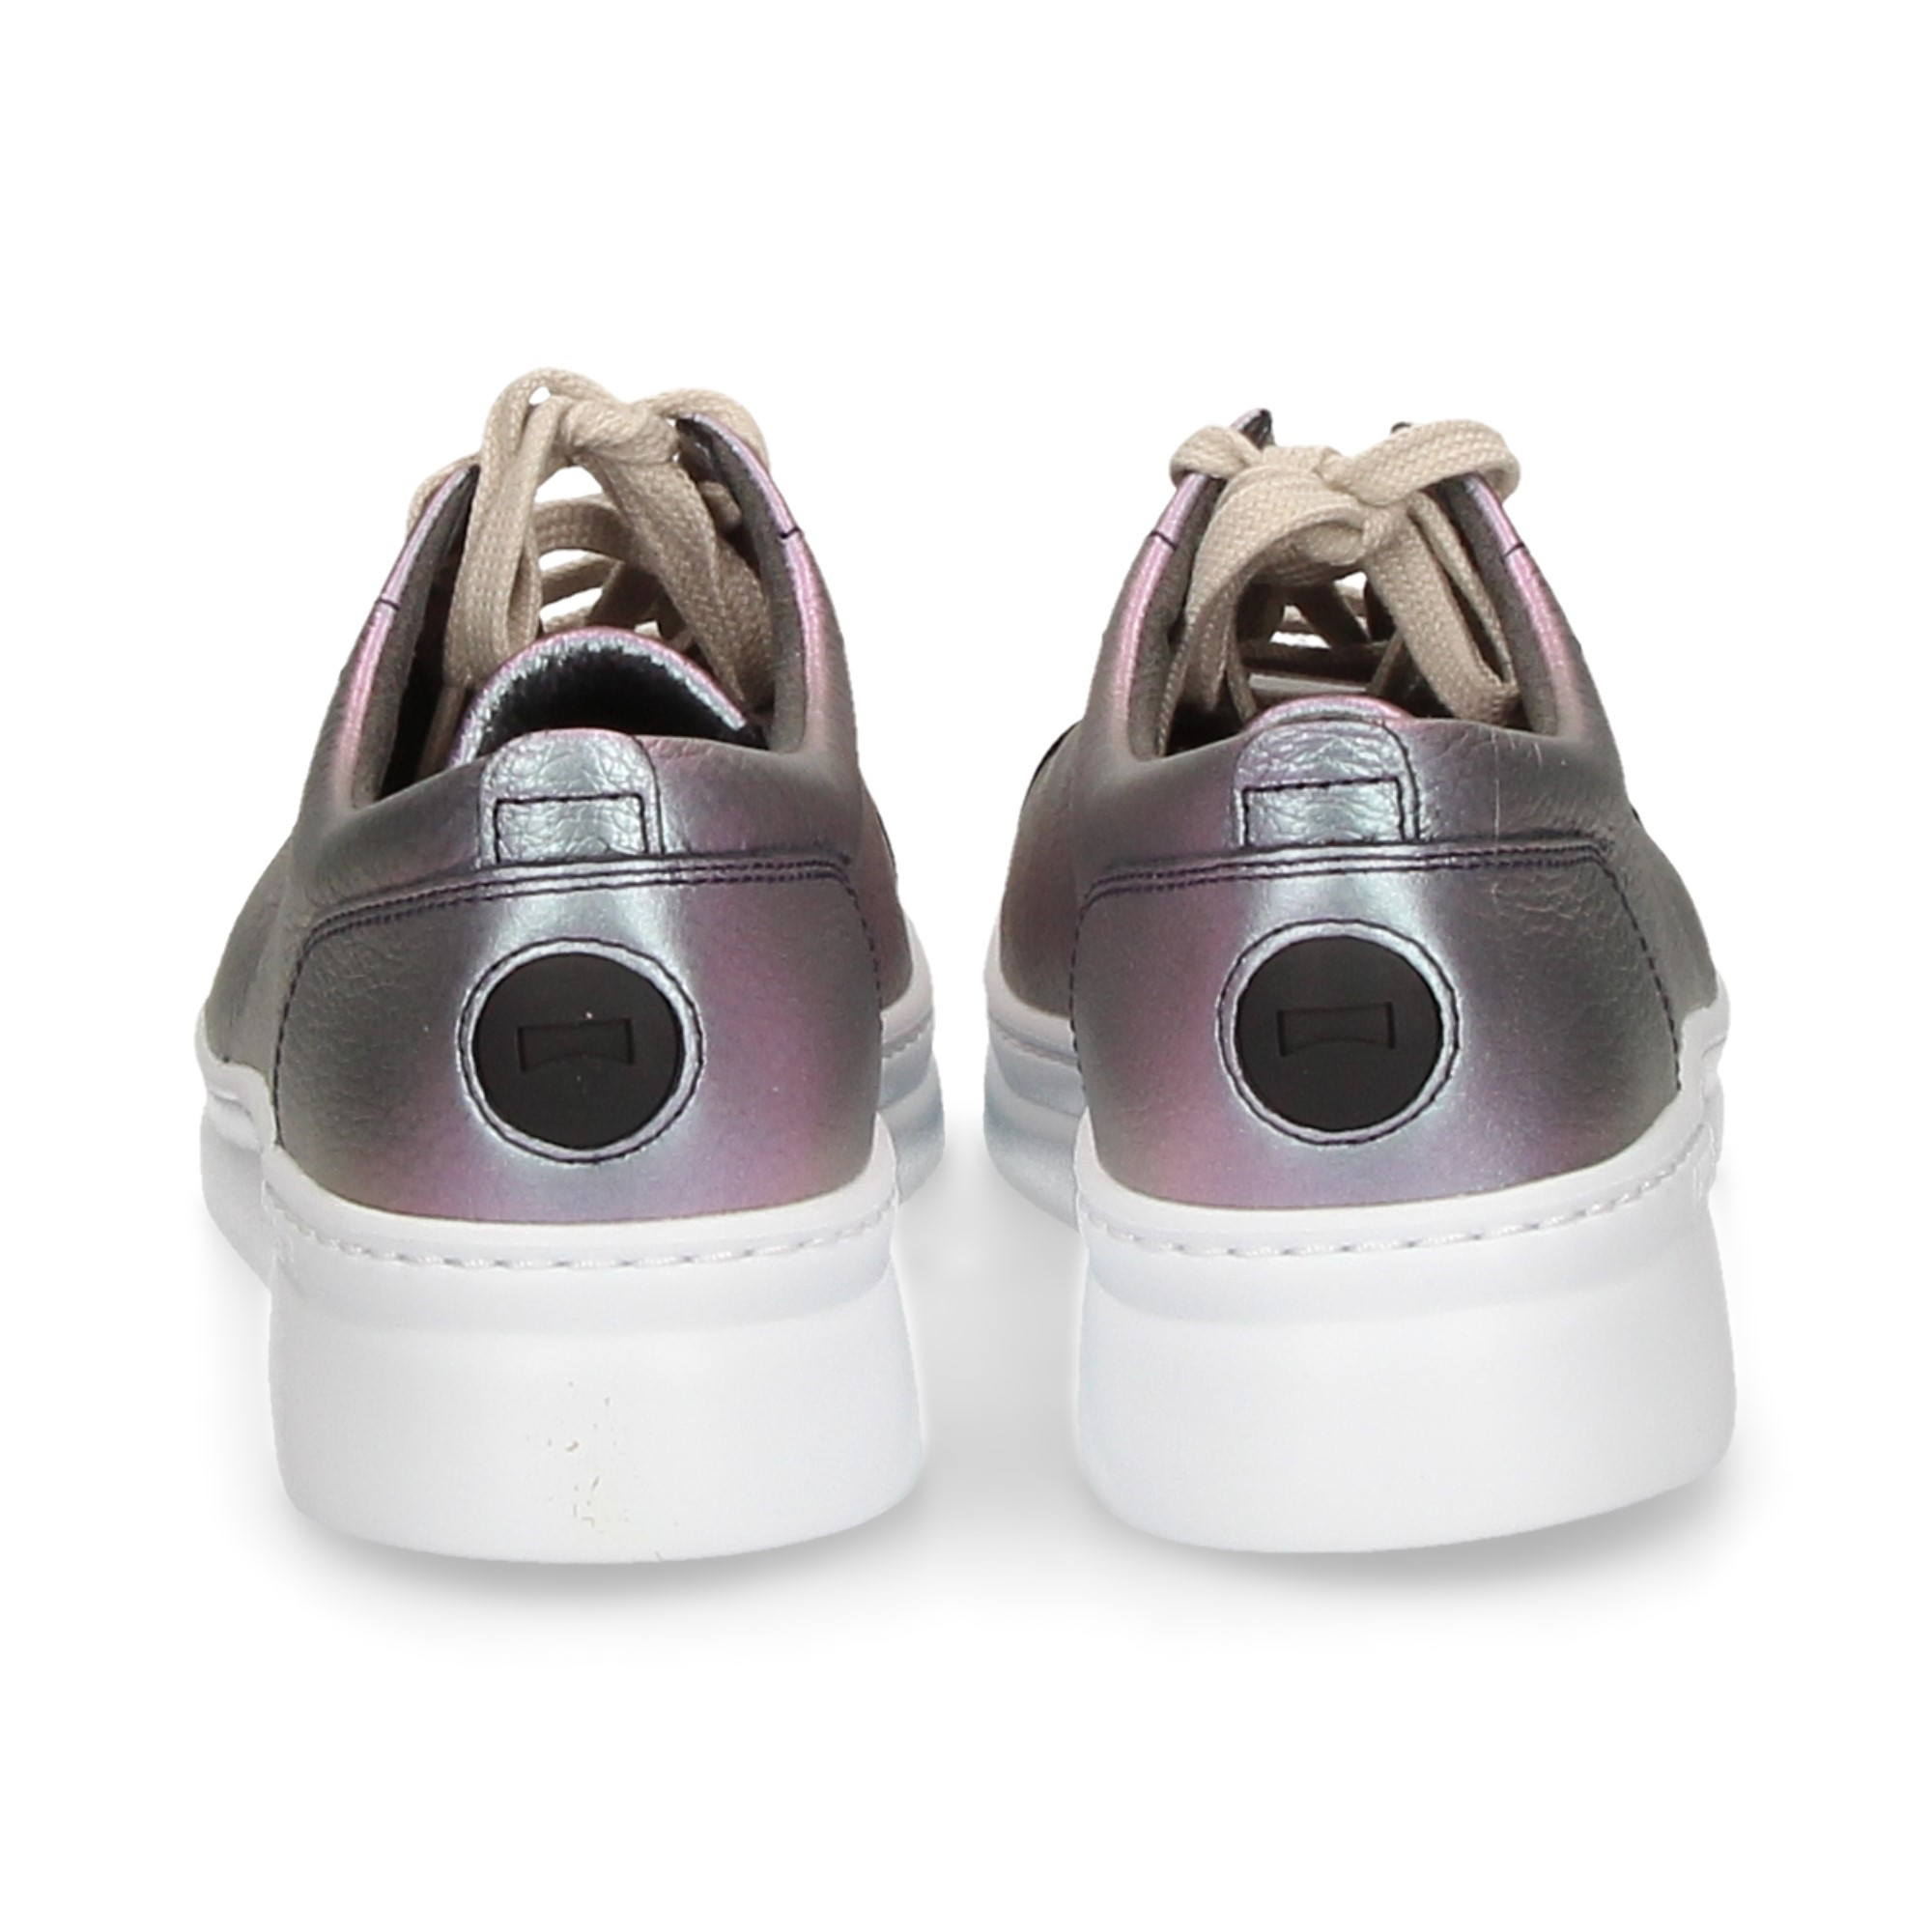 012 Multicolor Camper Mujer Zapatillas De K200645 yv80wOnNm